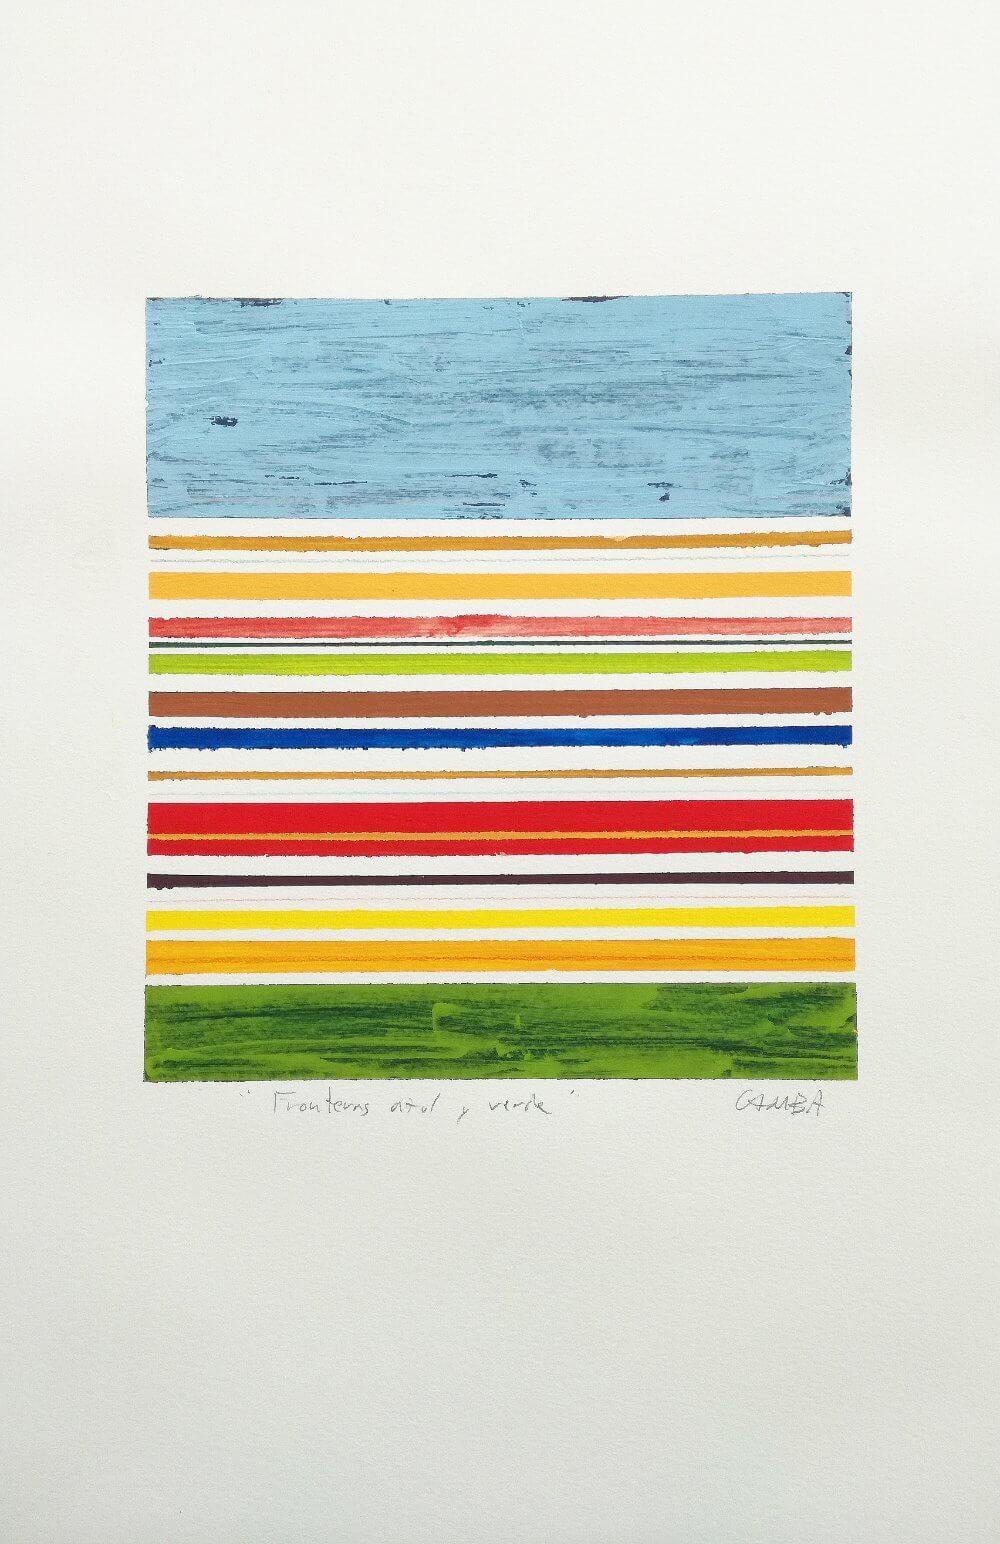 FRONTERA-azul-y-verde-32-x-50-22-5-x-25-2010 Antonio Camba